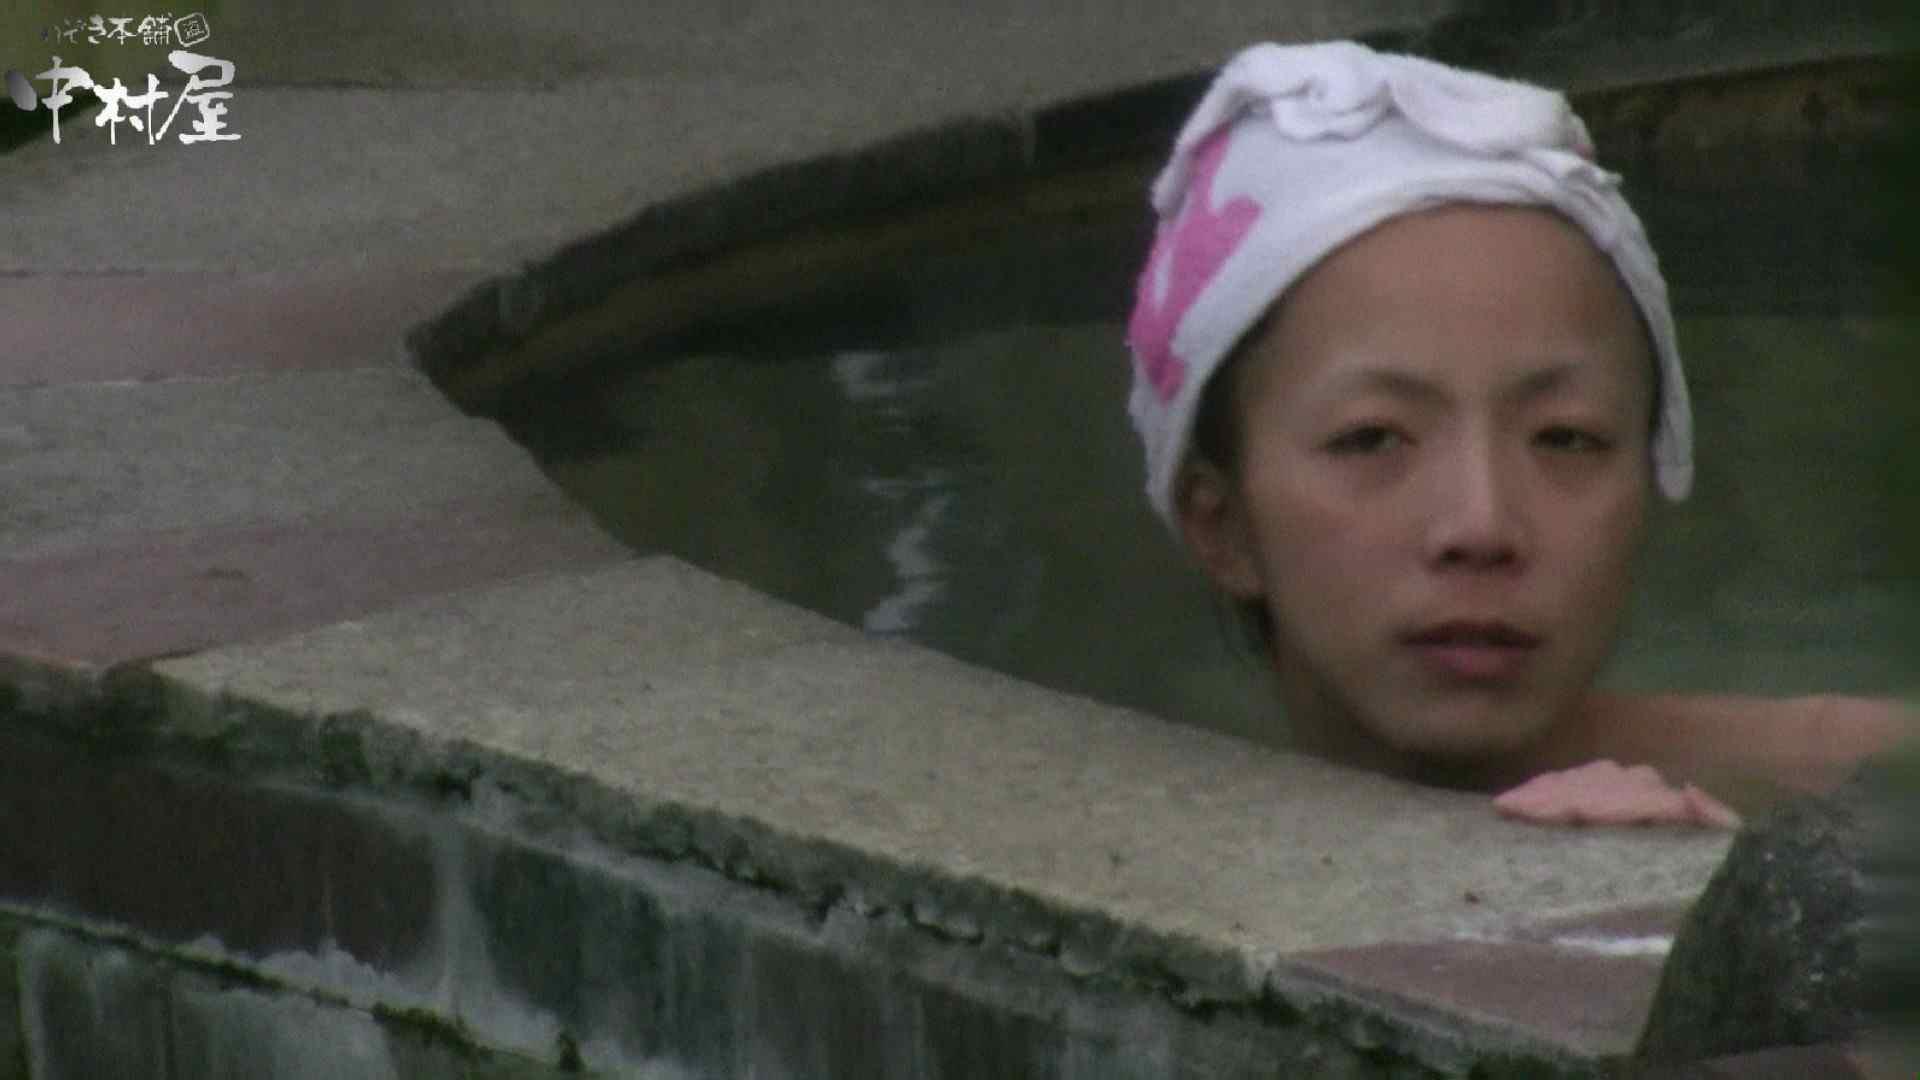 Aquaな露天風呂Vol.929 盗撮   OLのエロ生活  104連発 88